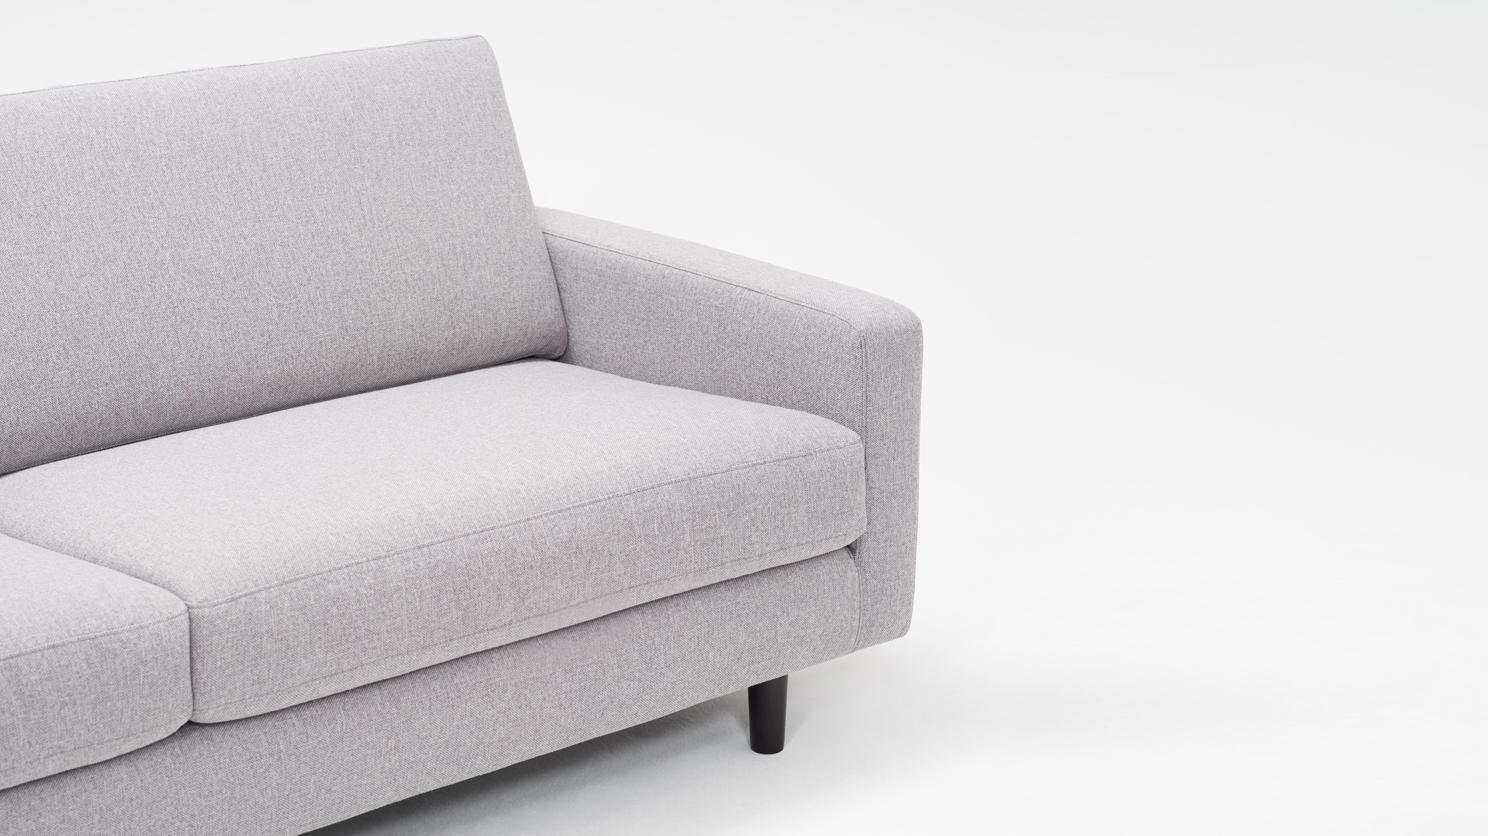 oskar sofa panama grey detail 02.jpg2